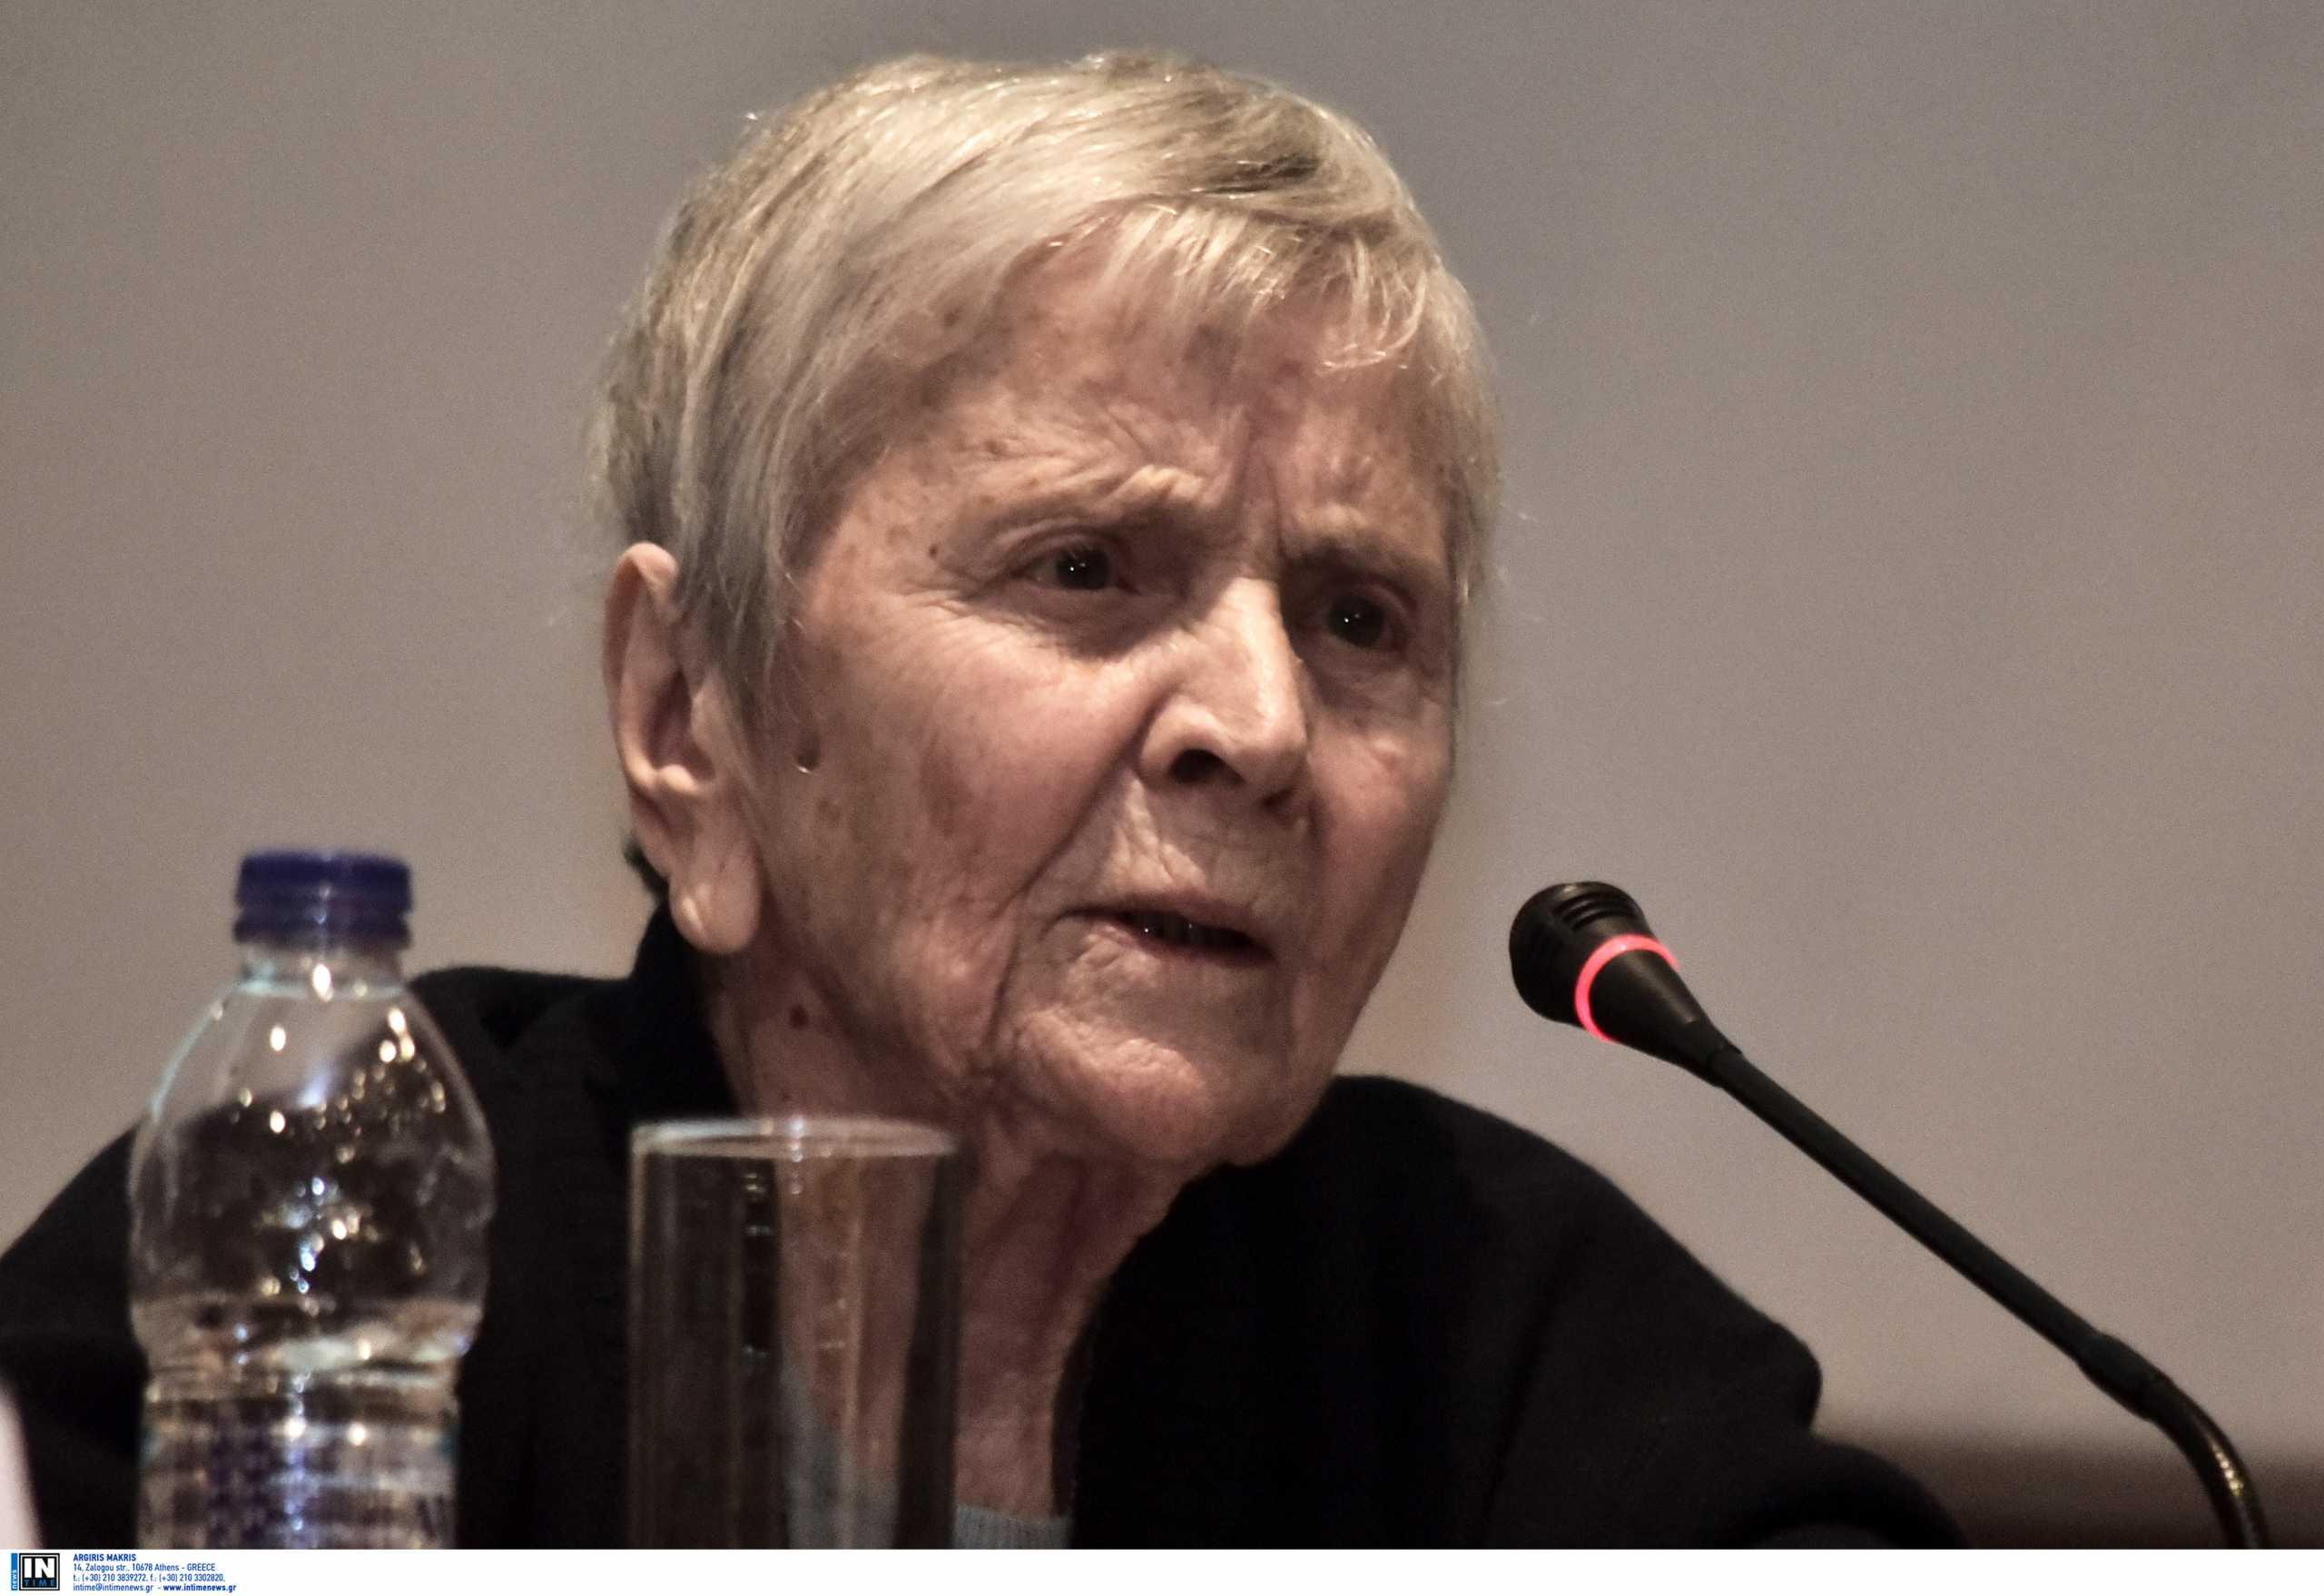 Ελένη Αρβελέρ: Έγκλημα να μην εμβολιαζόμαστε – Πρόκειται για ενδιαφέρον προς τον συνάνθρωπο